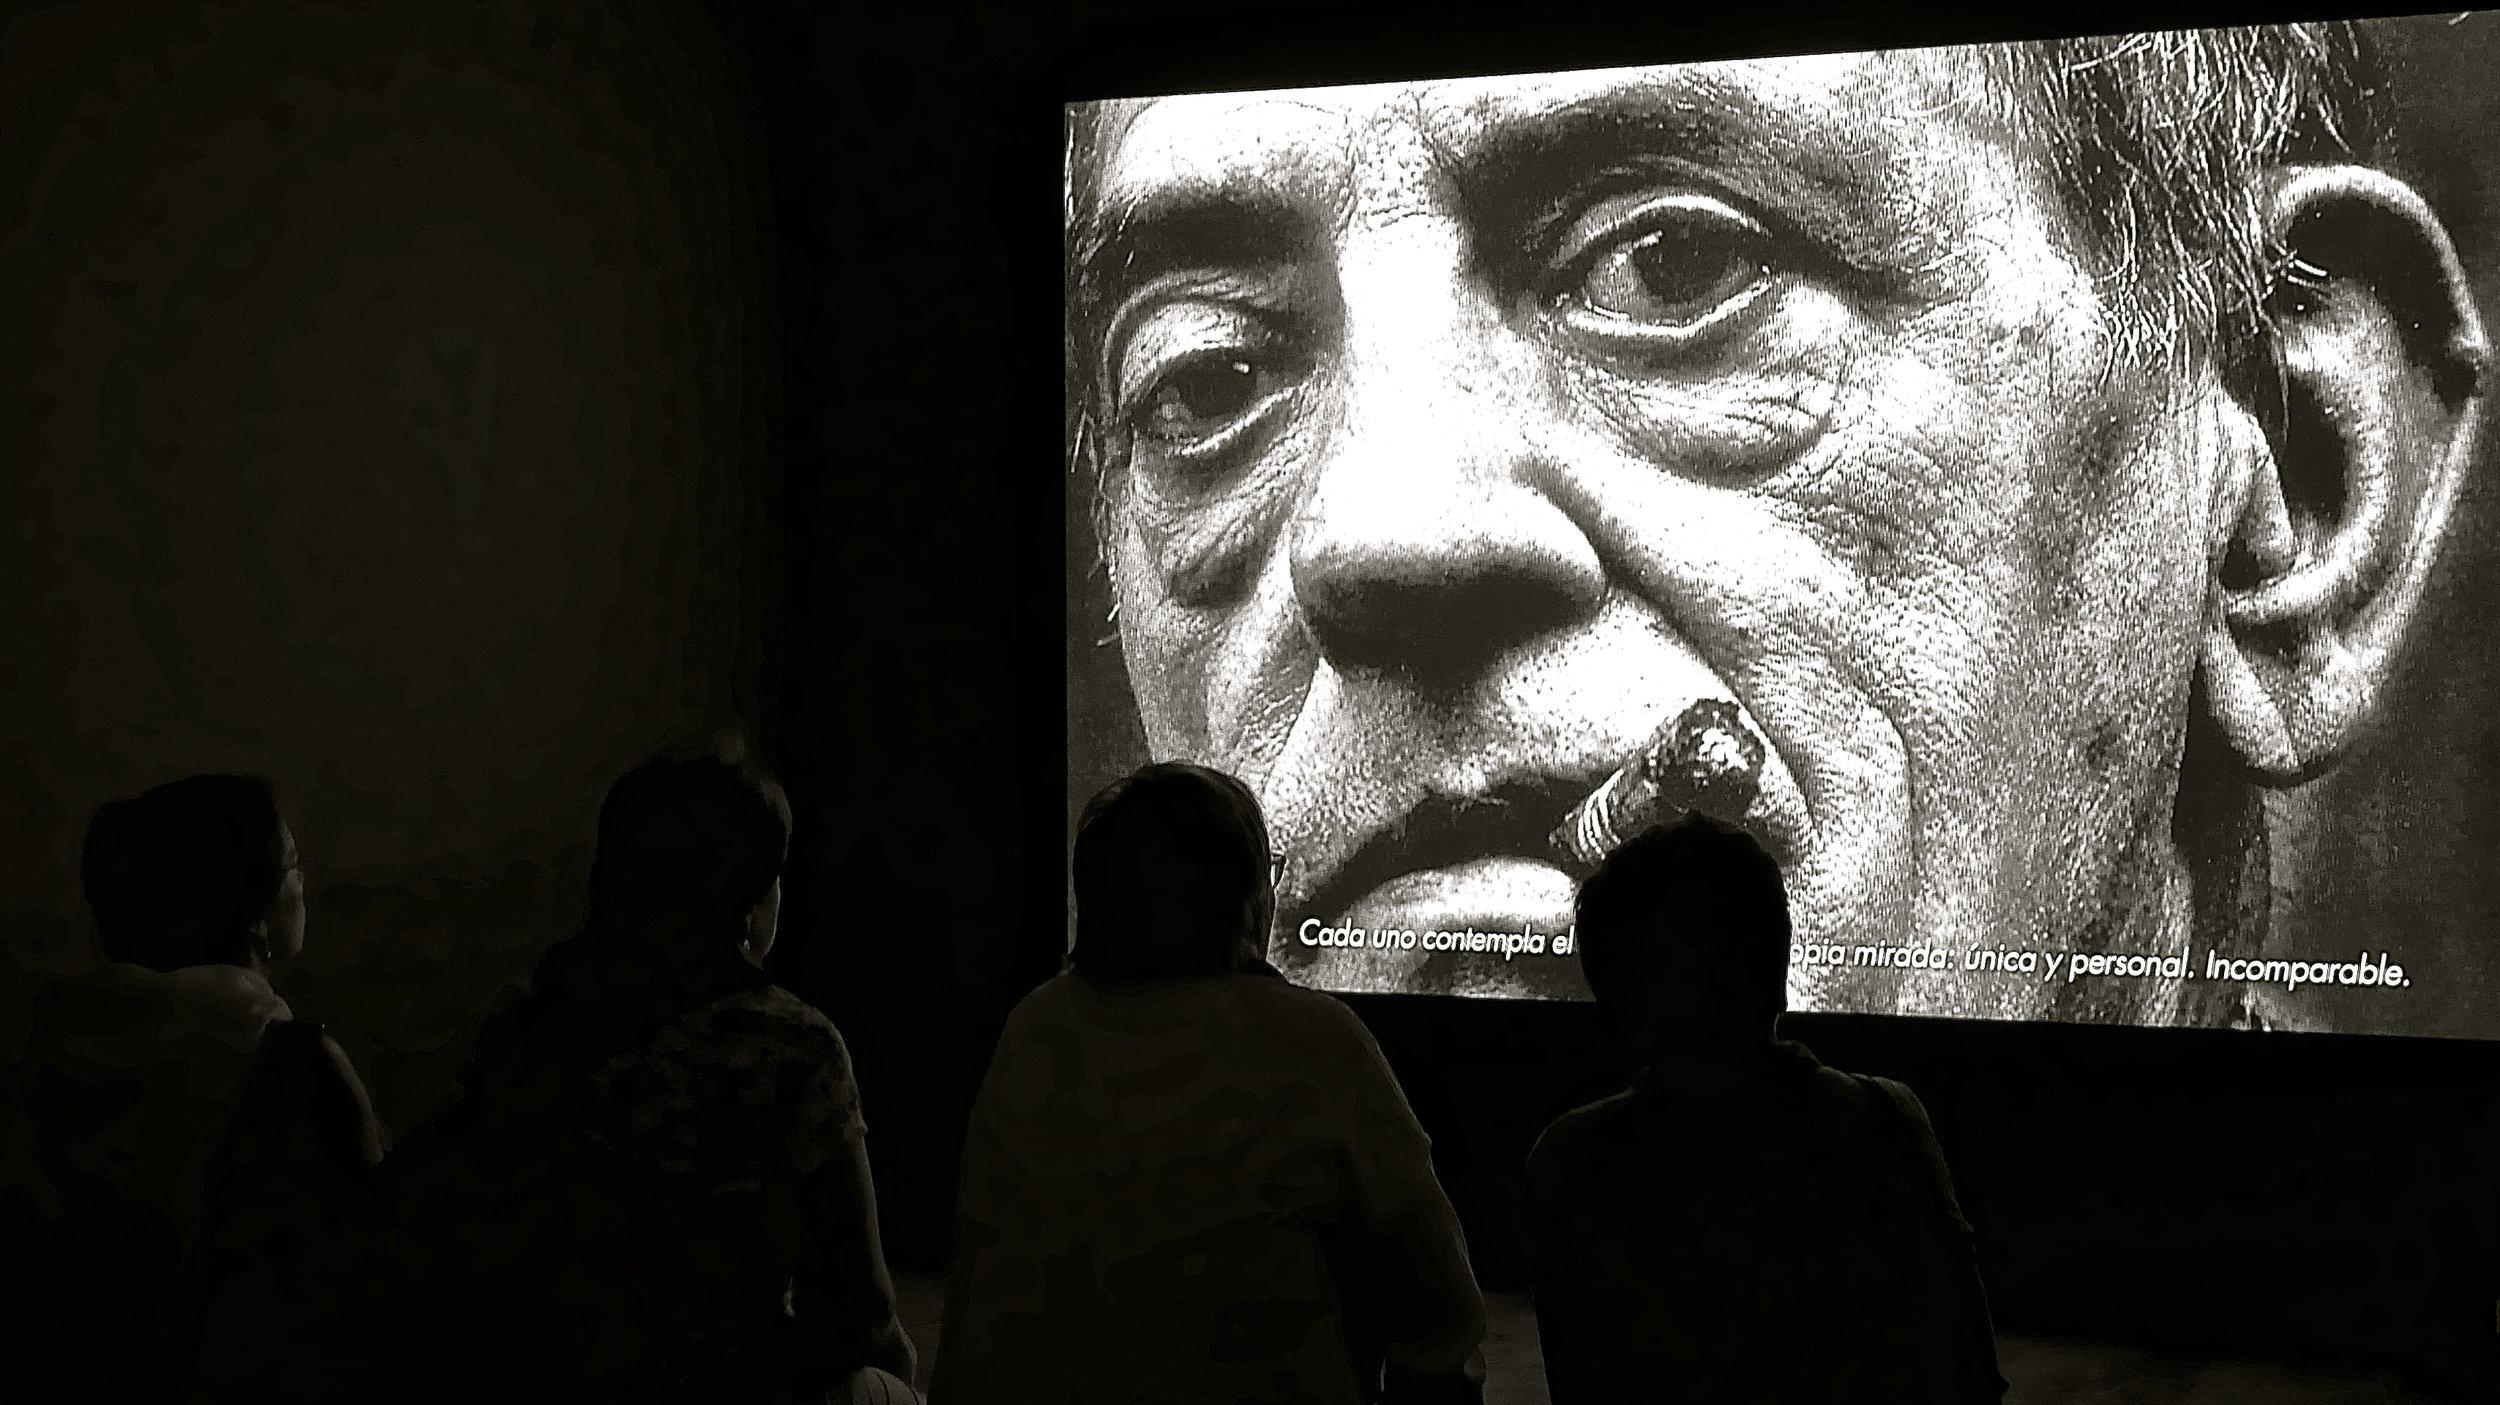 Cada uno contempla... Buñuel